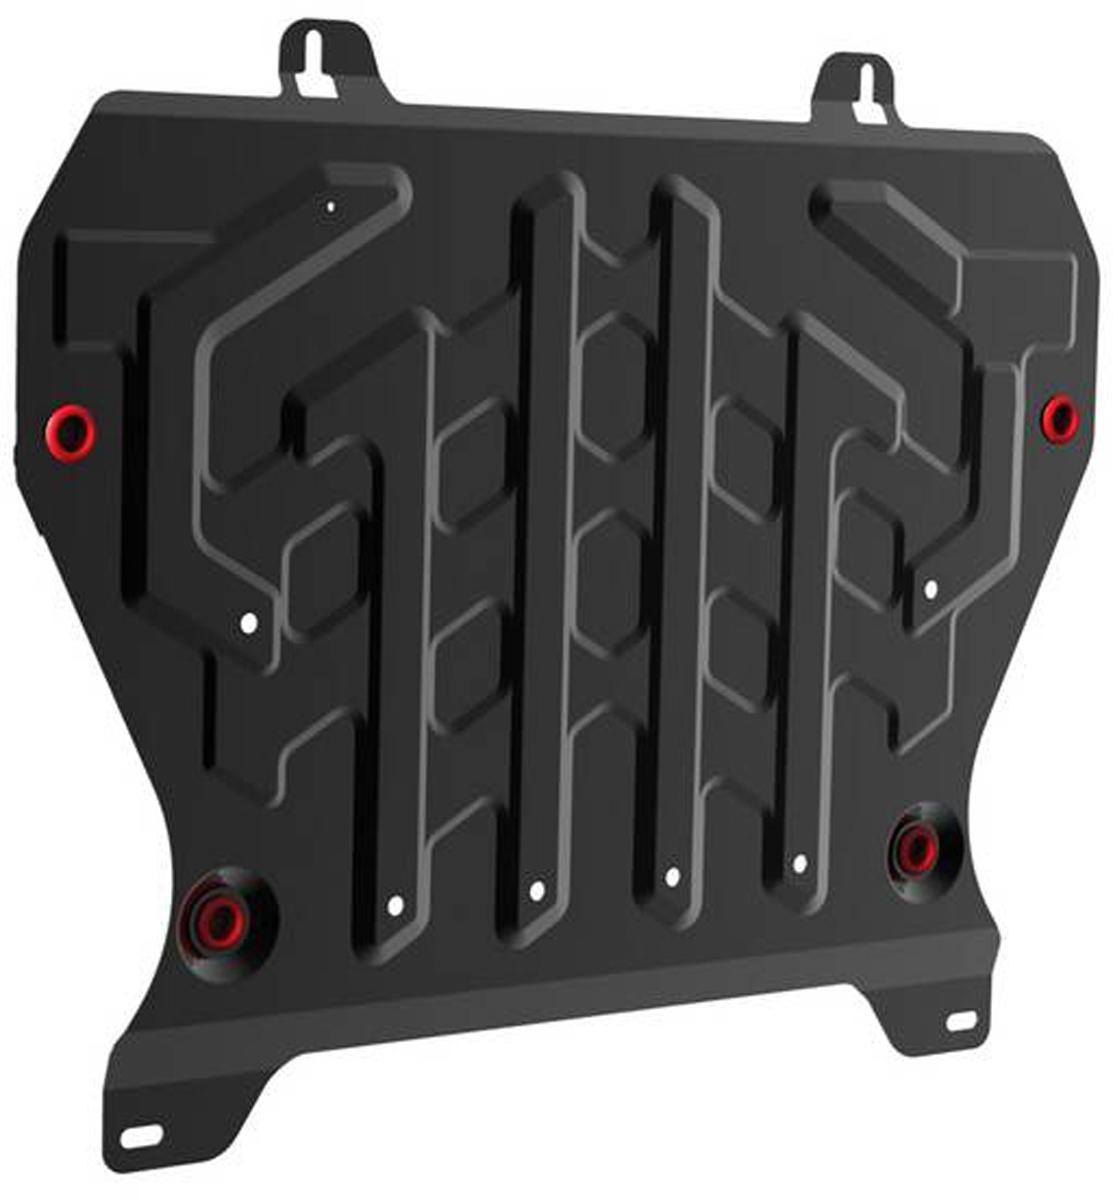 Защита картера и КПП Автоброня Nissan Juke 2011-, сталь 2 мм111.04141.1Защита картера и КПП Автоброня Nissan Juke картер, V - 1,6 2011-, сталь 2 мм, комплект крепежа, 111.04141.1Стальные защиты Автоброня надежно защищают ваш автомобиль от повреждений при наезде на бордюры, выступающие канализационные люки, кромки поврежденного асфальта или при ремонте дорог, не говоря уже о загородных дорогах. - Имеют оптимальное соотношение цена-качество. - Спроектированы с учетом особенностей автомобиля, что делает установку удобной. - Защита устанавливается в штатные места кузова автомобиля. - Является надежной защитой для важных элементов на протяжении долгих лет. - Глубокий штамп дополнительно усиливает конструкцию защиты. - Подштамповка в местах крепления защищает крепеж от срезания. - Технологические отверстия там, где они необходимы для смены масла и слива воды, оборудованные заглушками, закрепленными на защите. Толщина стали 2 мм. В комплекте крепеж и инструкция по установке.